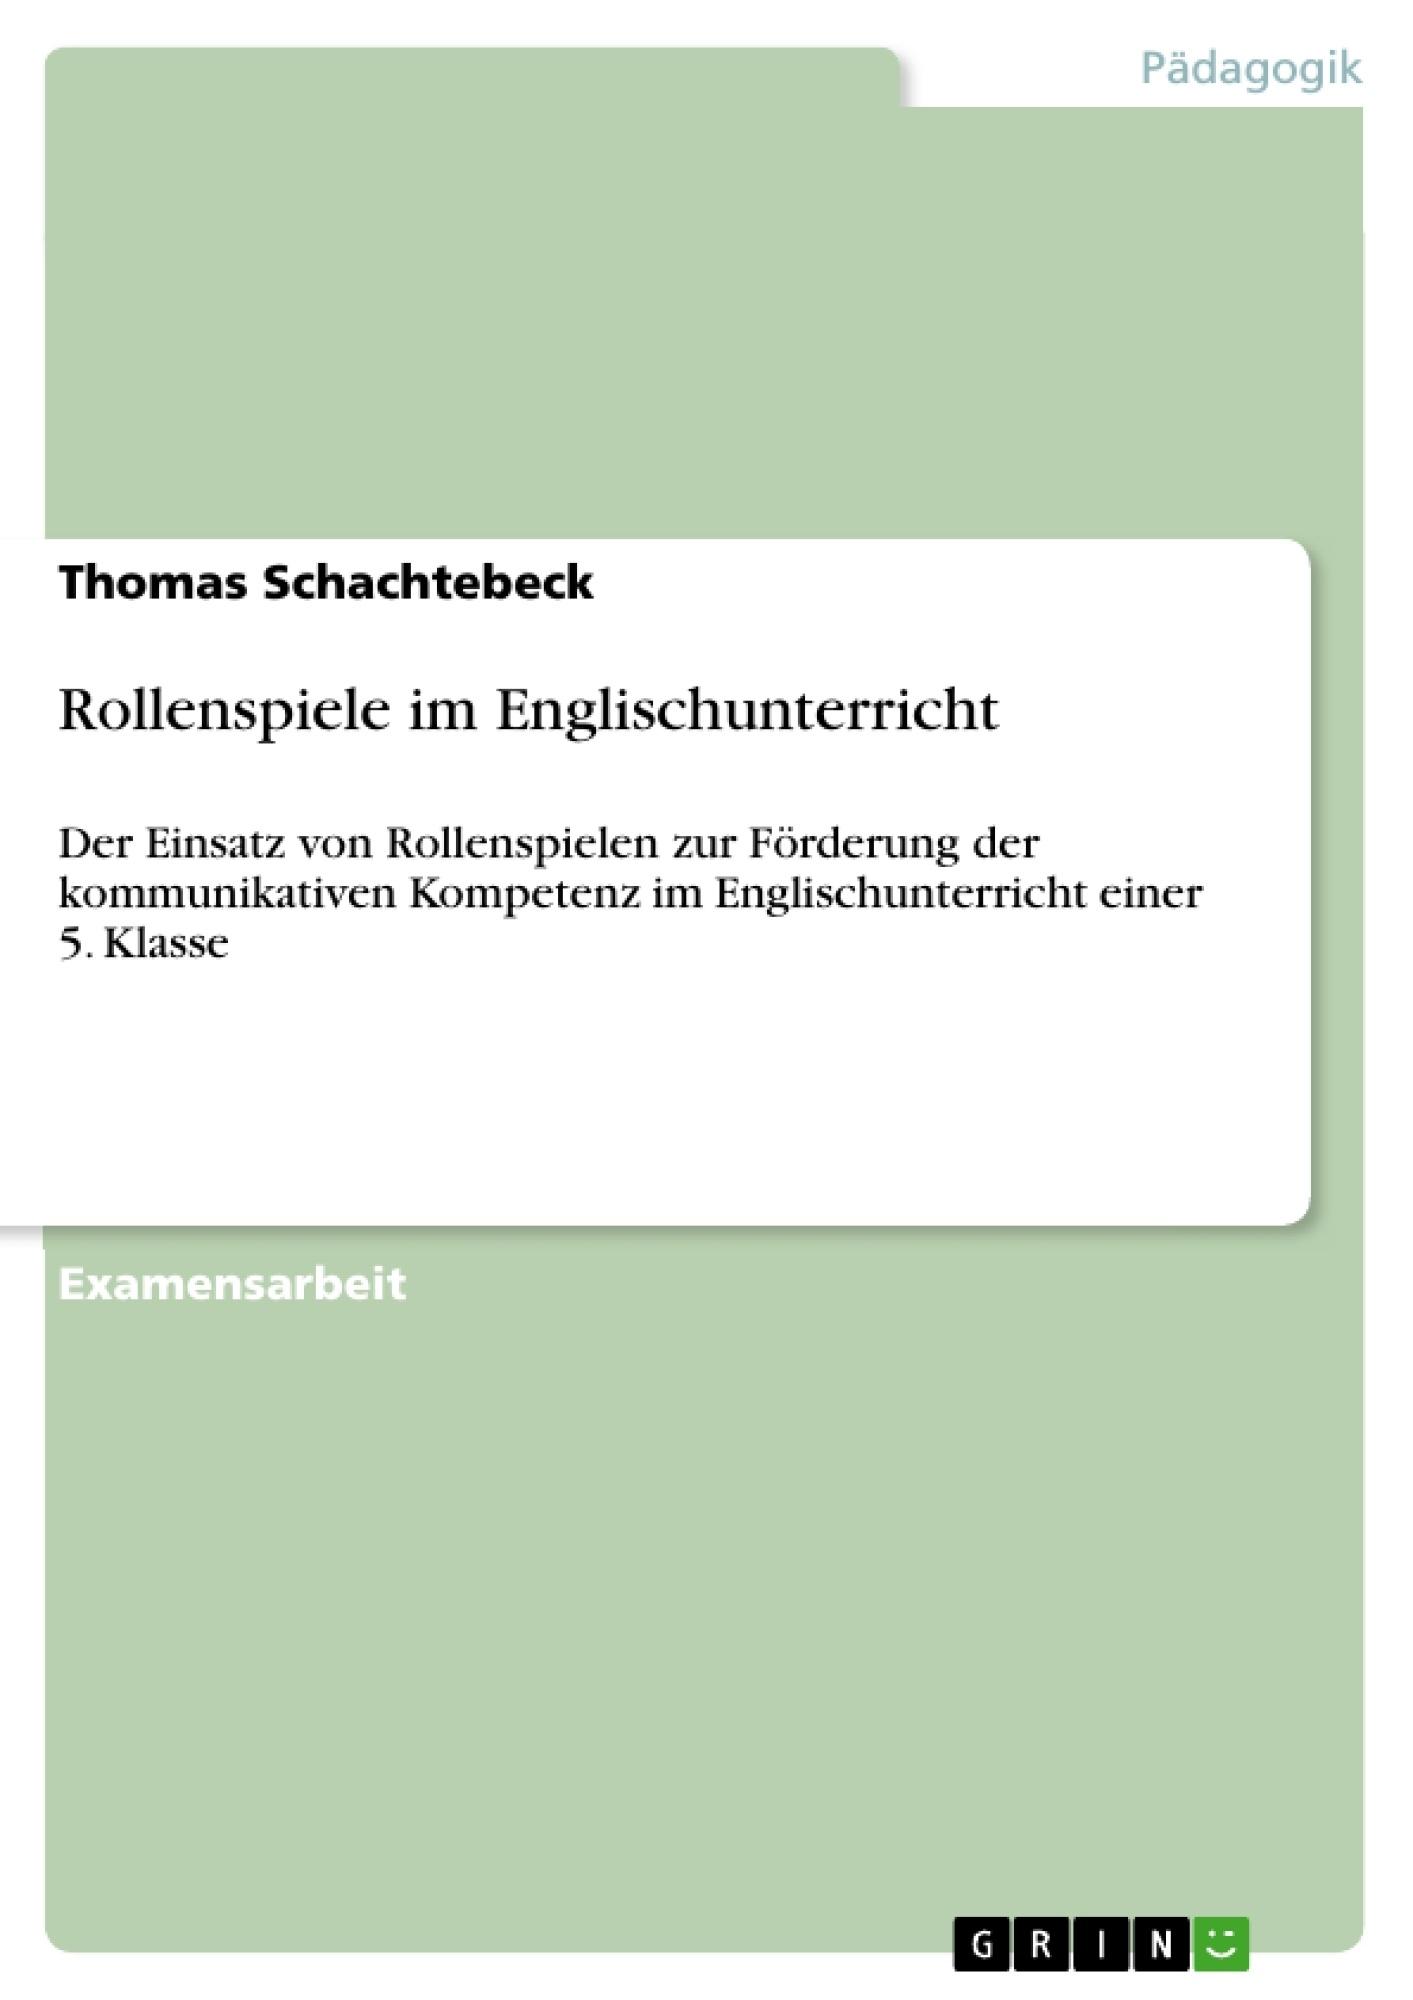 Titel: Rollenspiele im Englischunterricht